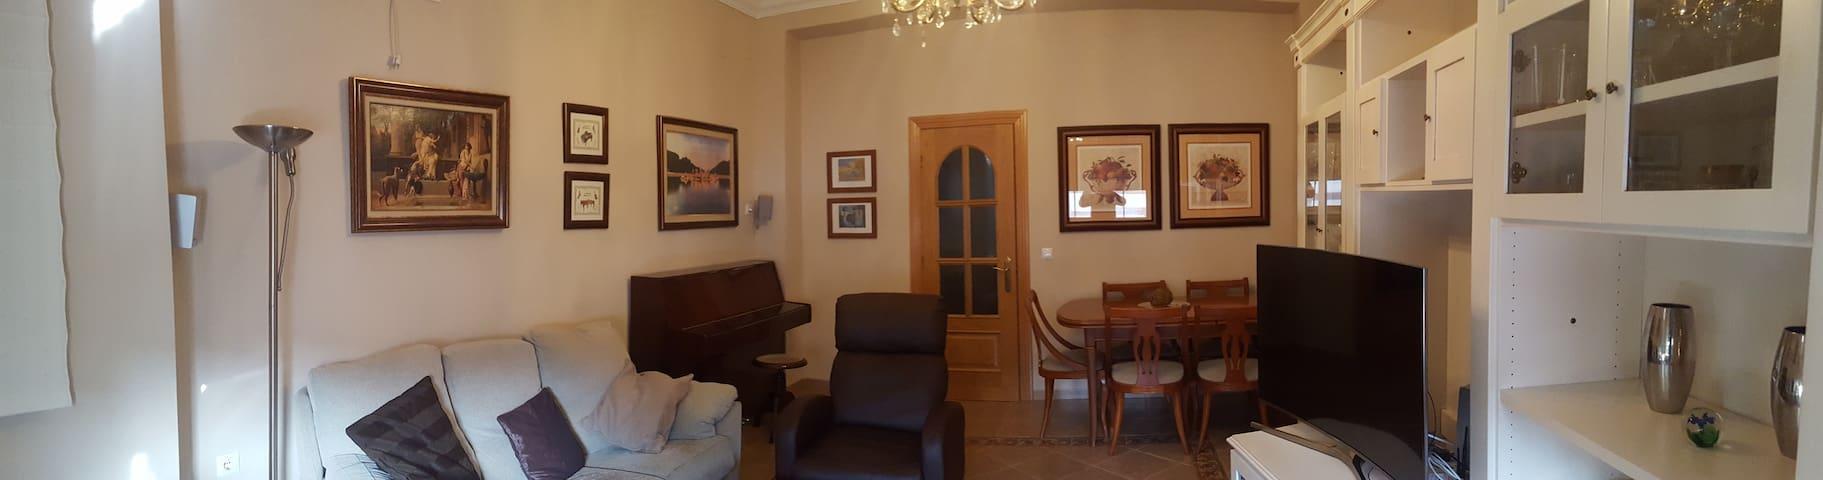 Apartamento en el Centro de Andalucía - Cuevas Bajas - Apartment